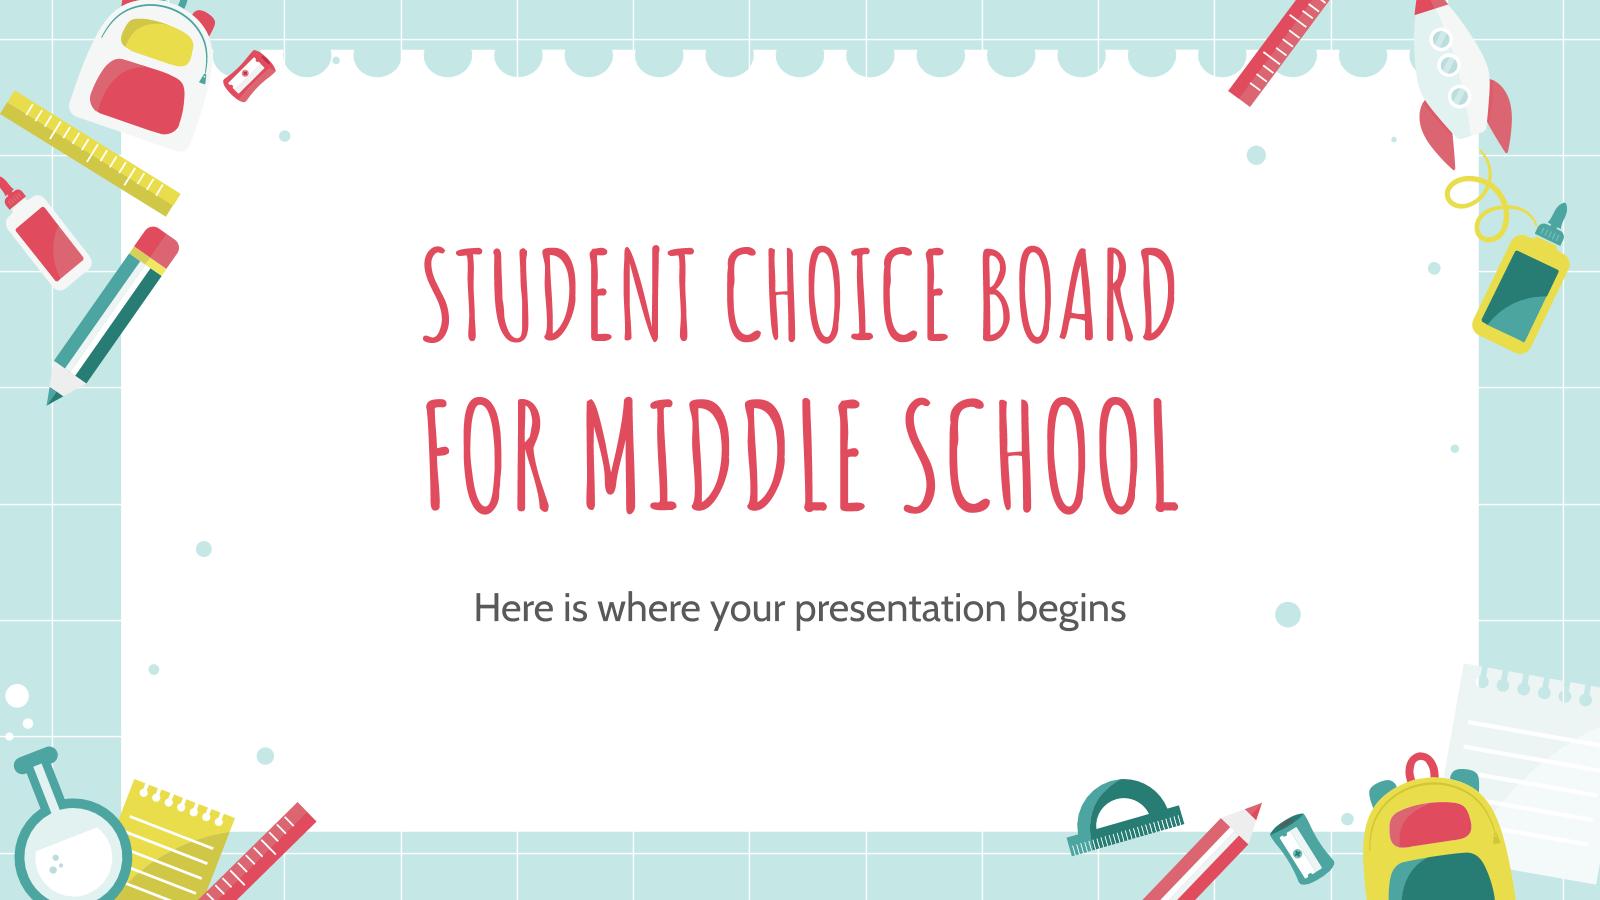 Tableau de sélection pour les collégiens : Modèles de présentation